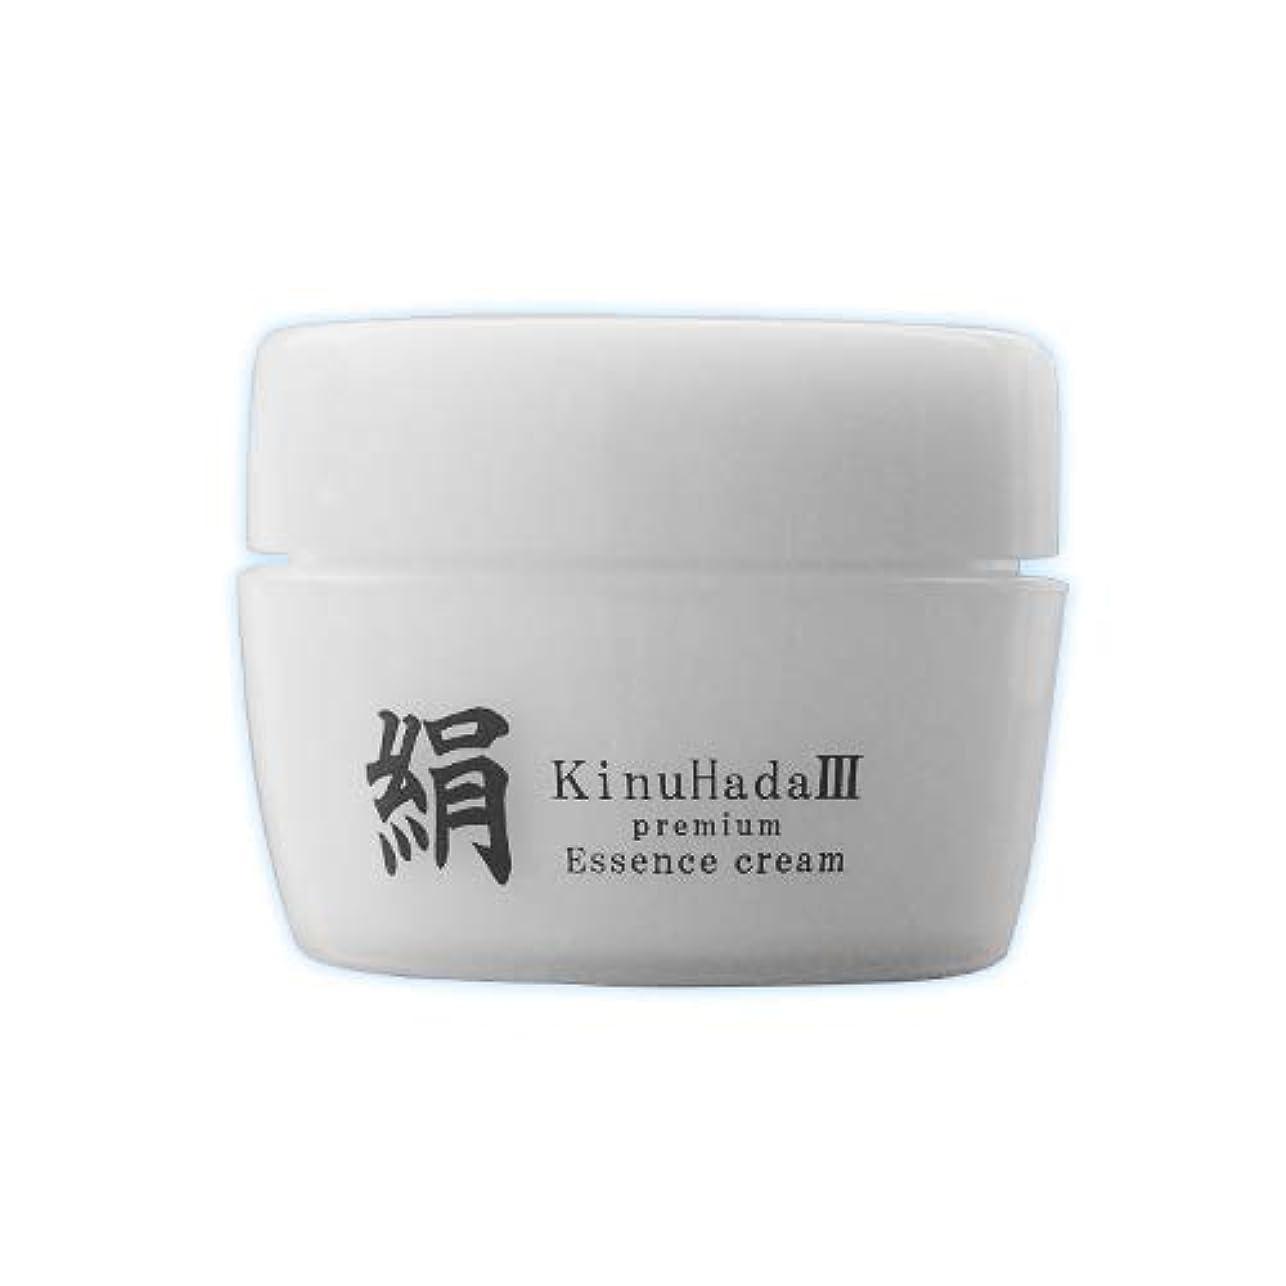 観察人物幻滅KinuHada 3 premium 60g オールインワン 美容液 絹